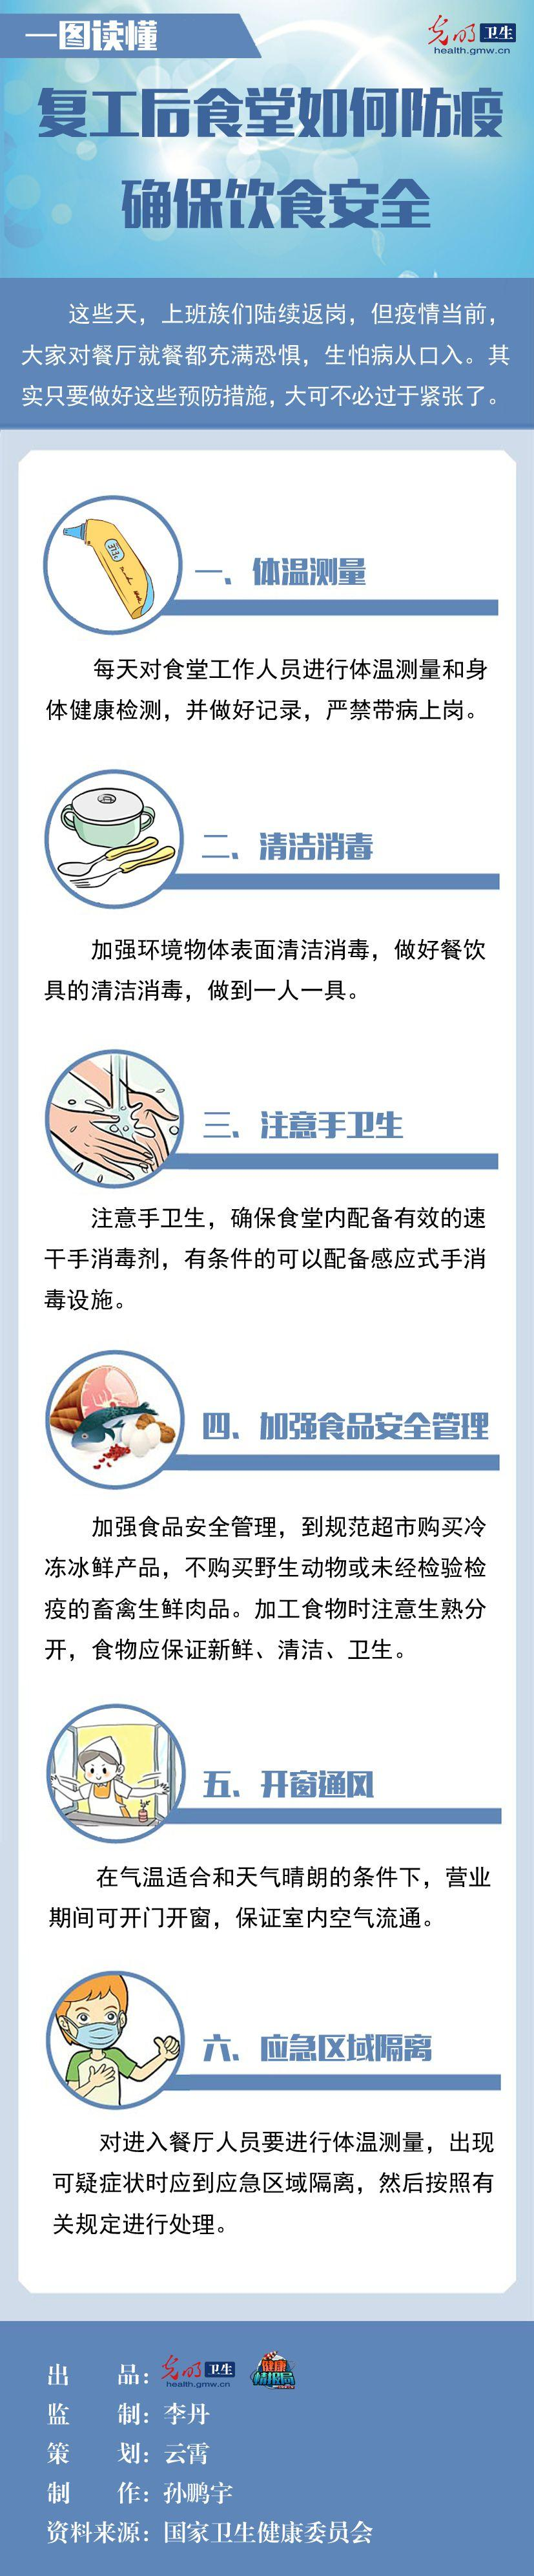 复工后食堂如何防疫 确保饮食安全